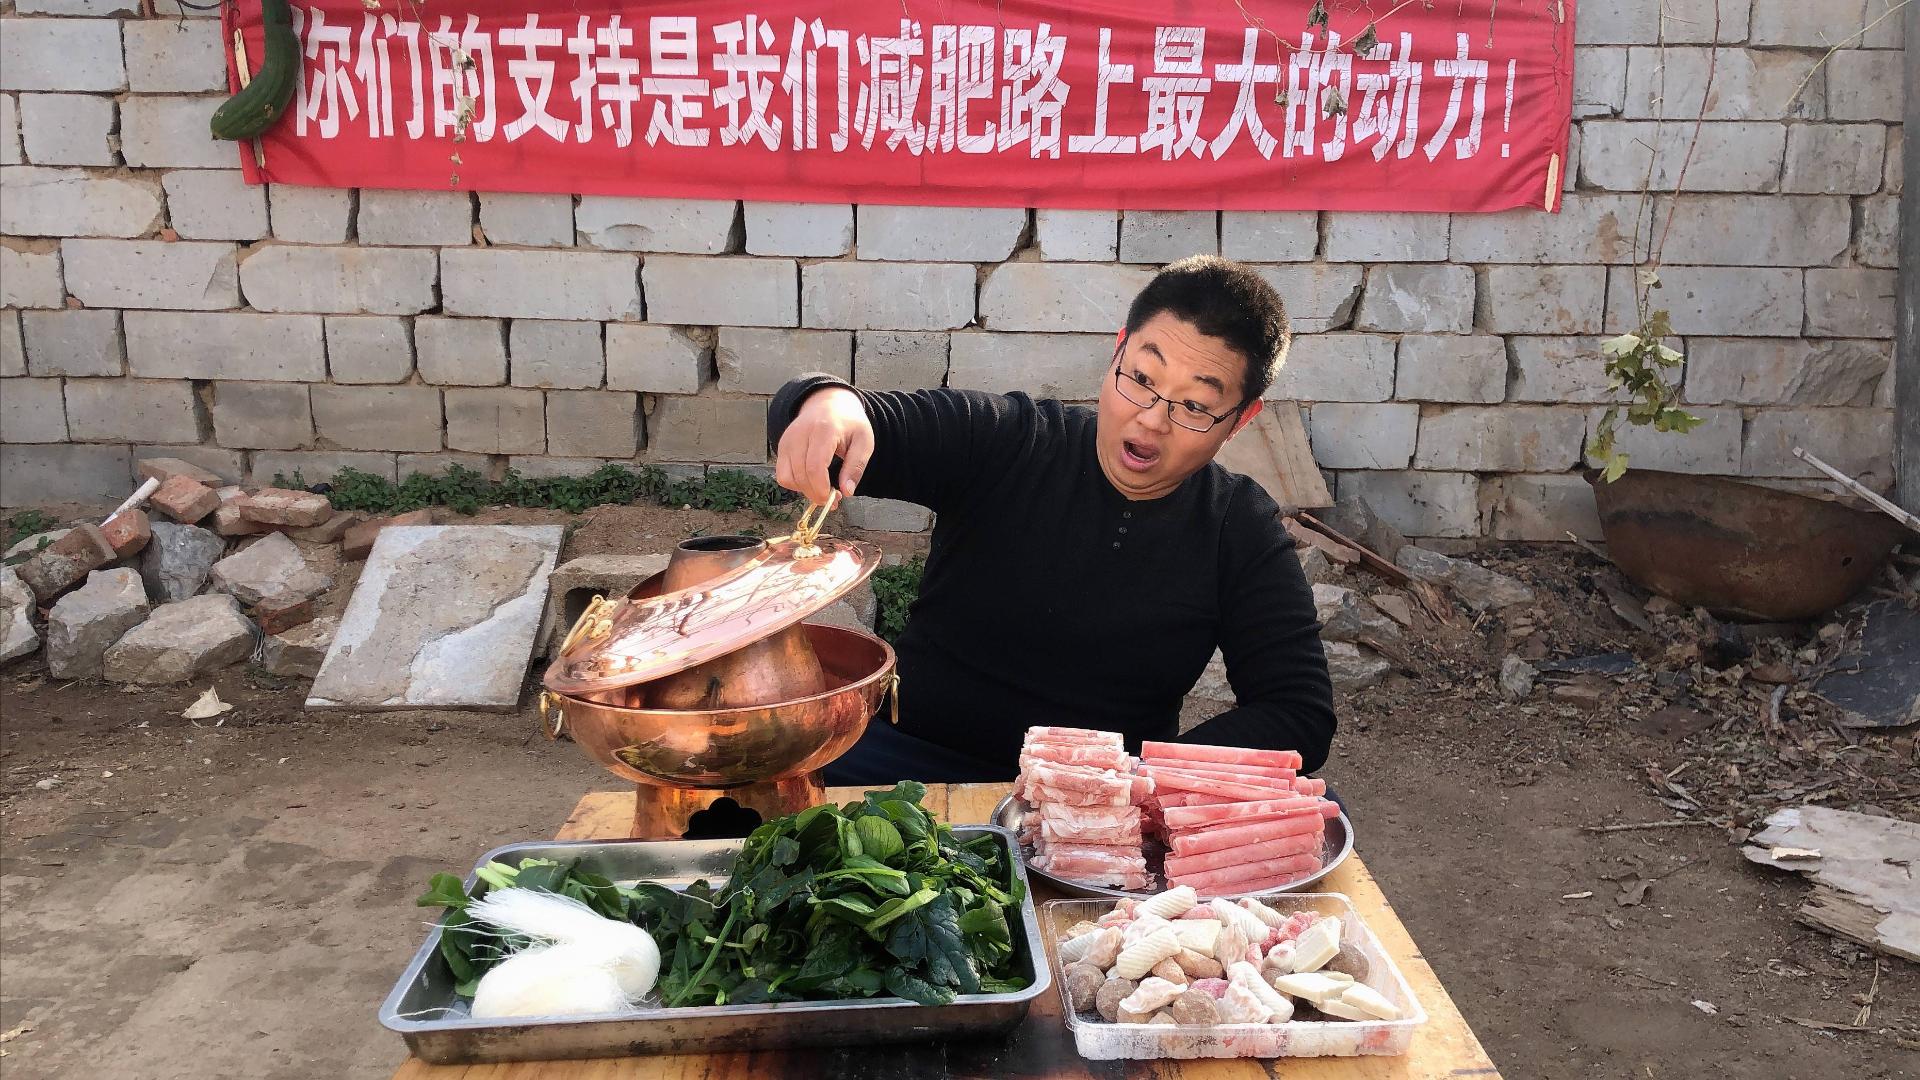 降温了!两个人在家简单吃个火锅,一斤肥羊、一斤肥牛吃到饱!